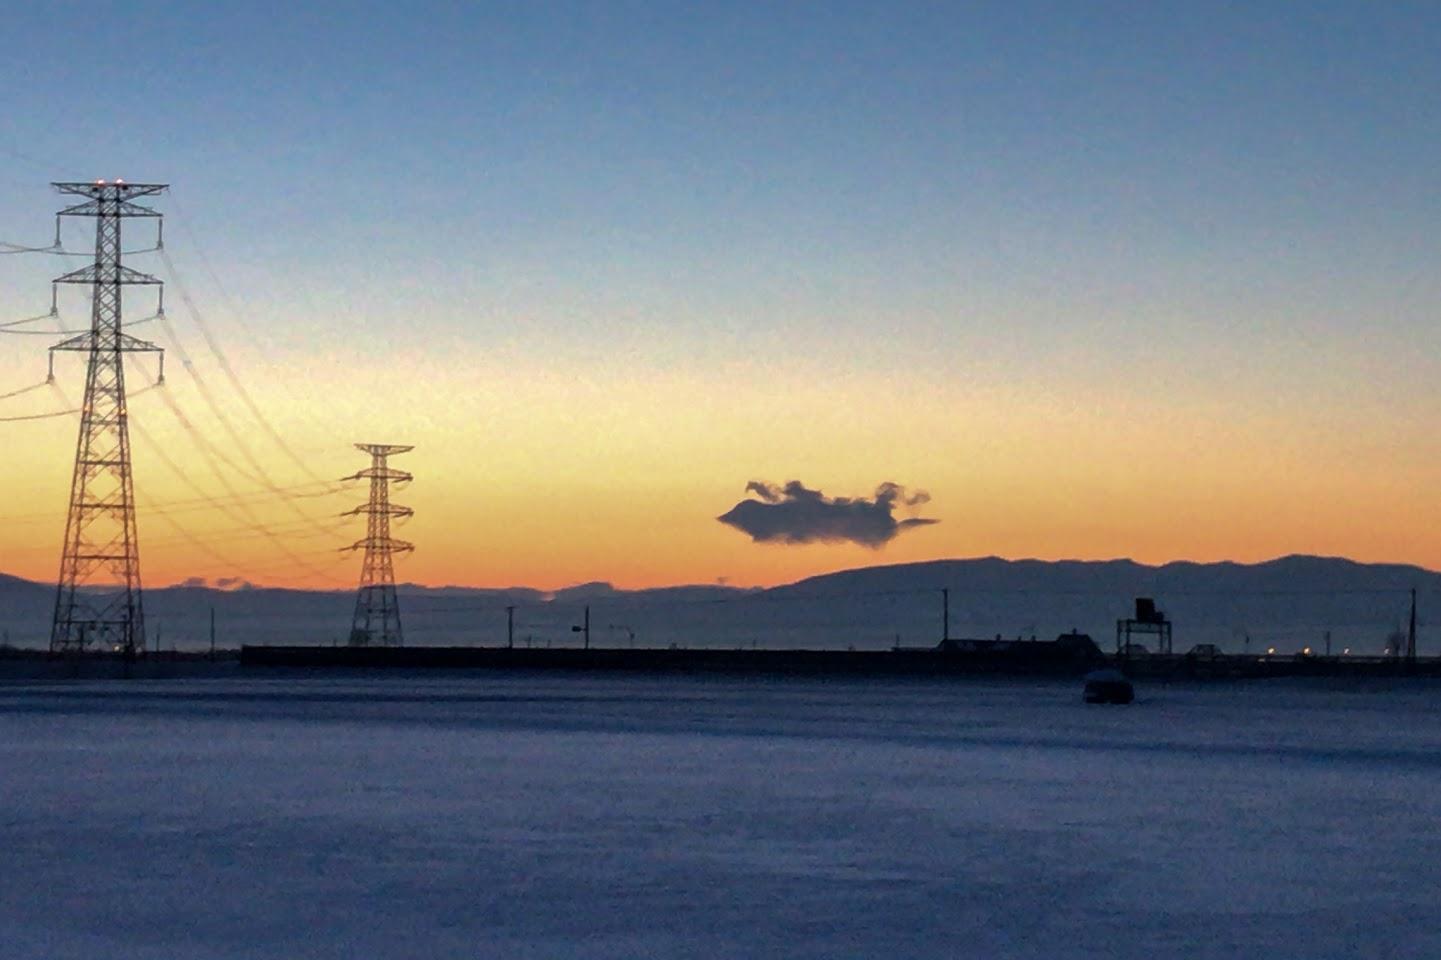 飛行船雲のメッセージ